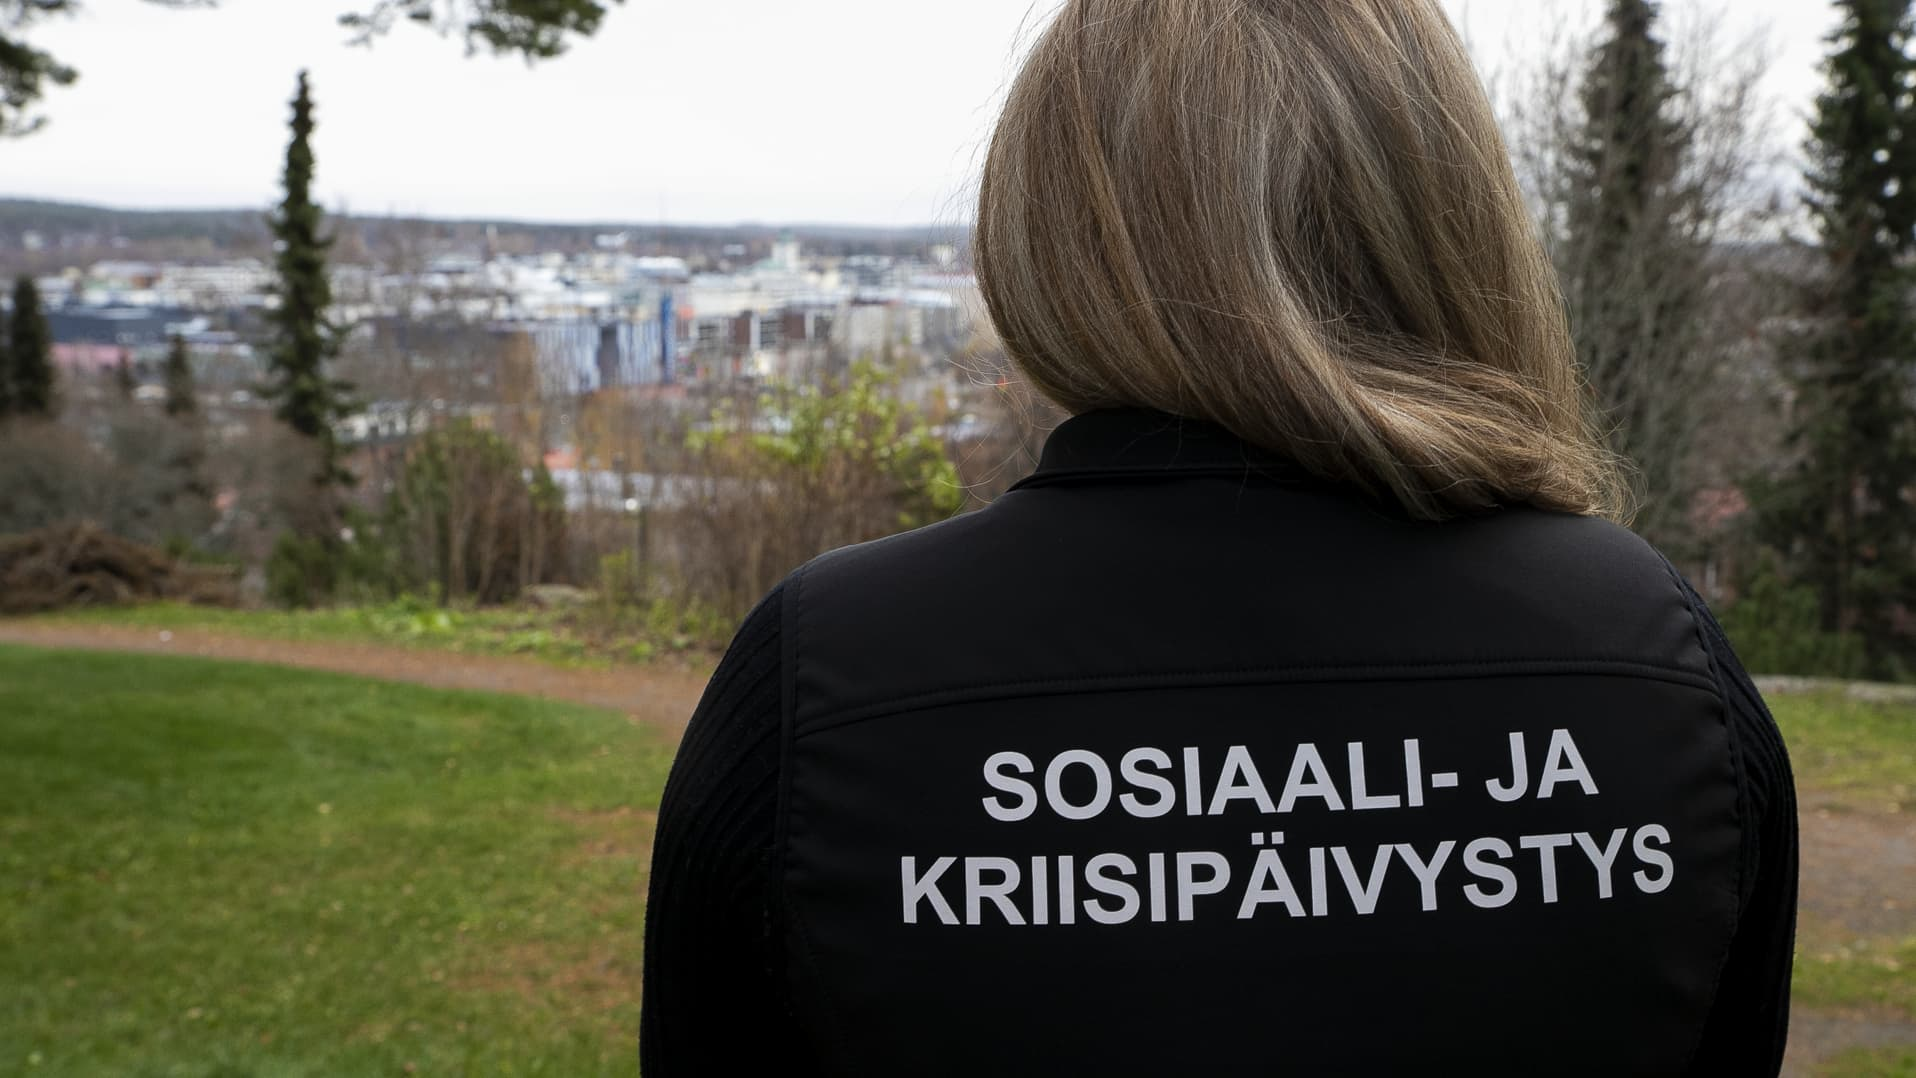 Nainen katselee syksyistä kaupunkia sosiaali- ja kriisipäivystys työntekjän takki yllään.